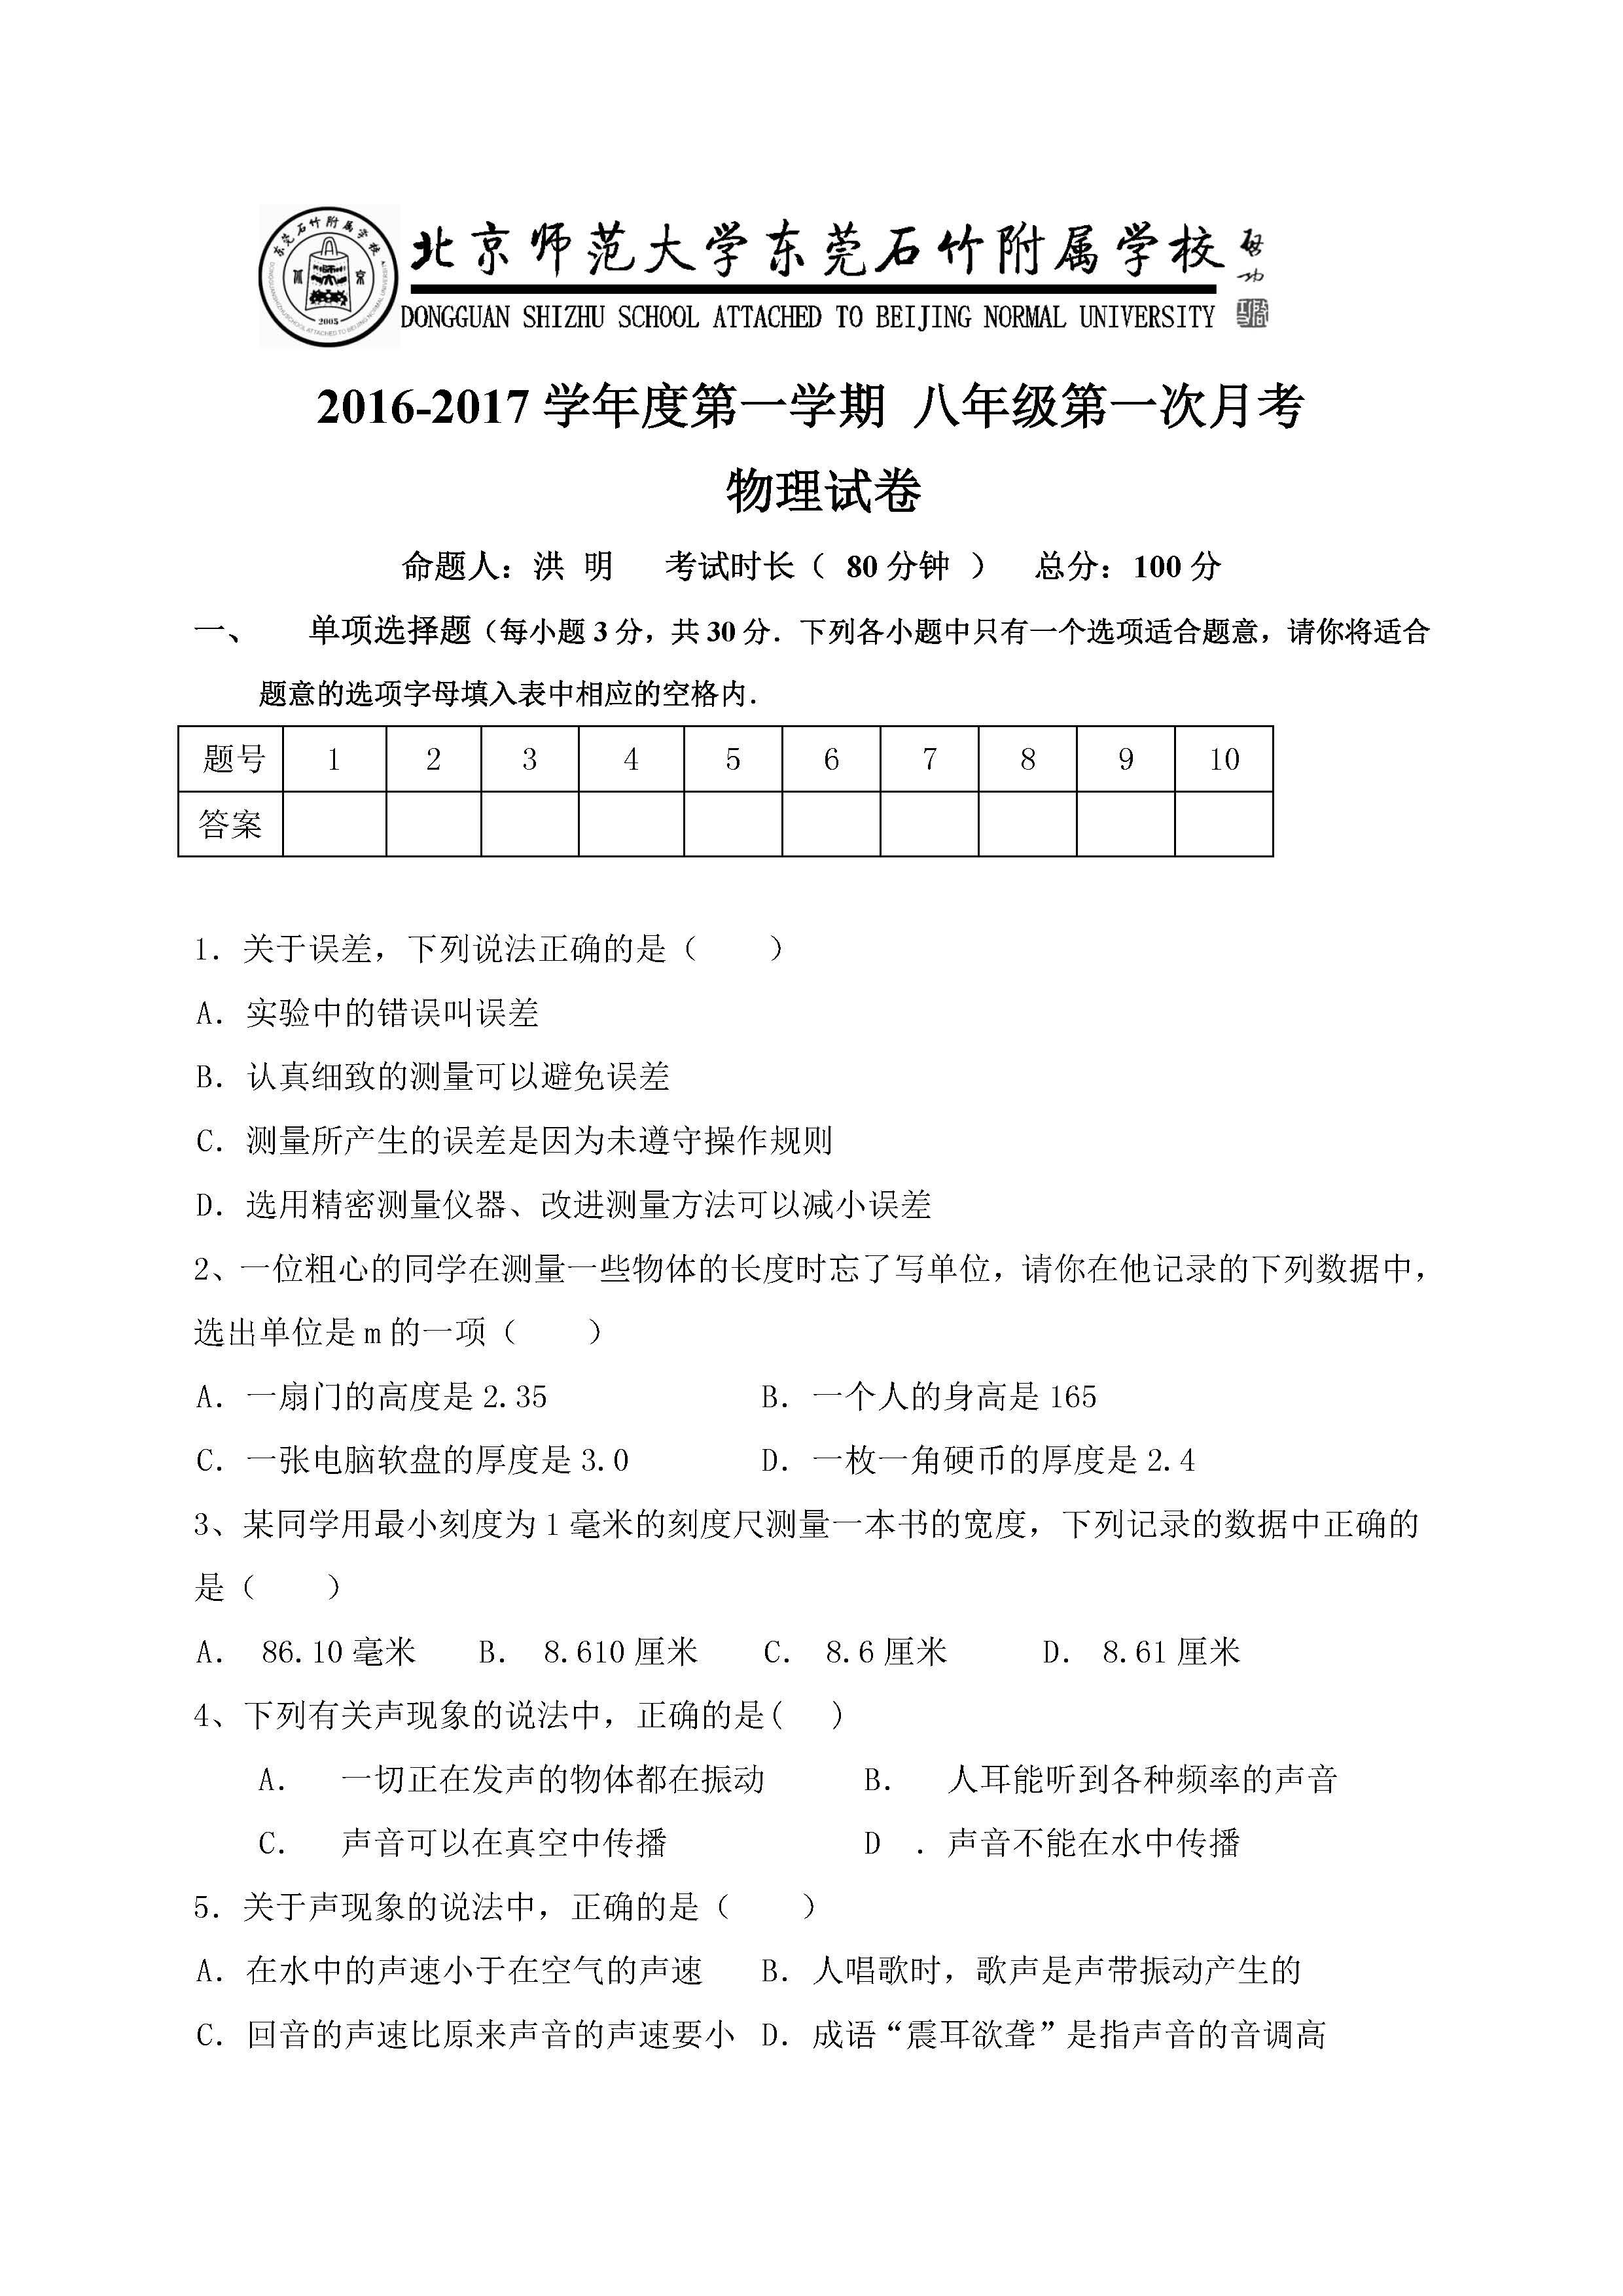 2016北师大附属东莞石竹附属学校八年级第一次月考物理试题